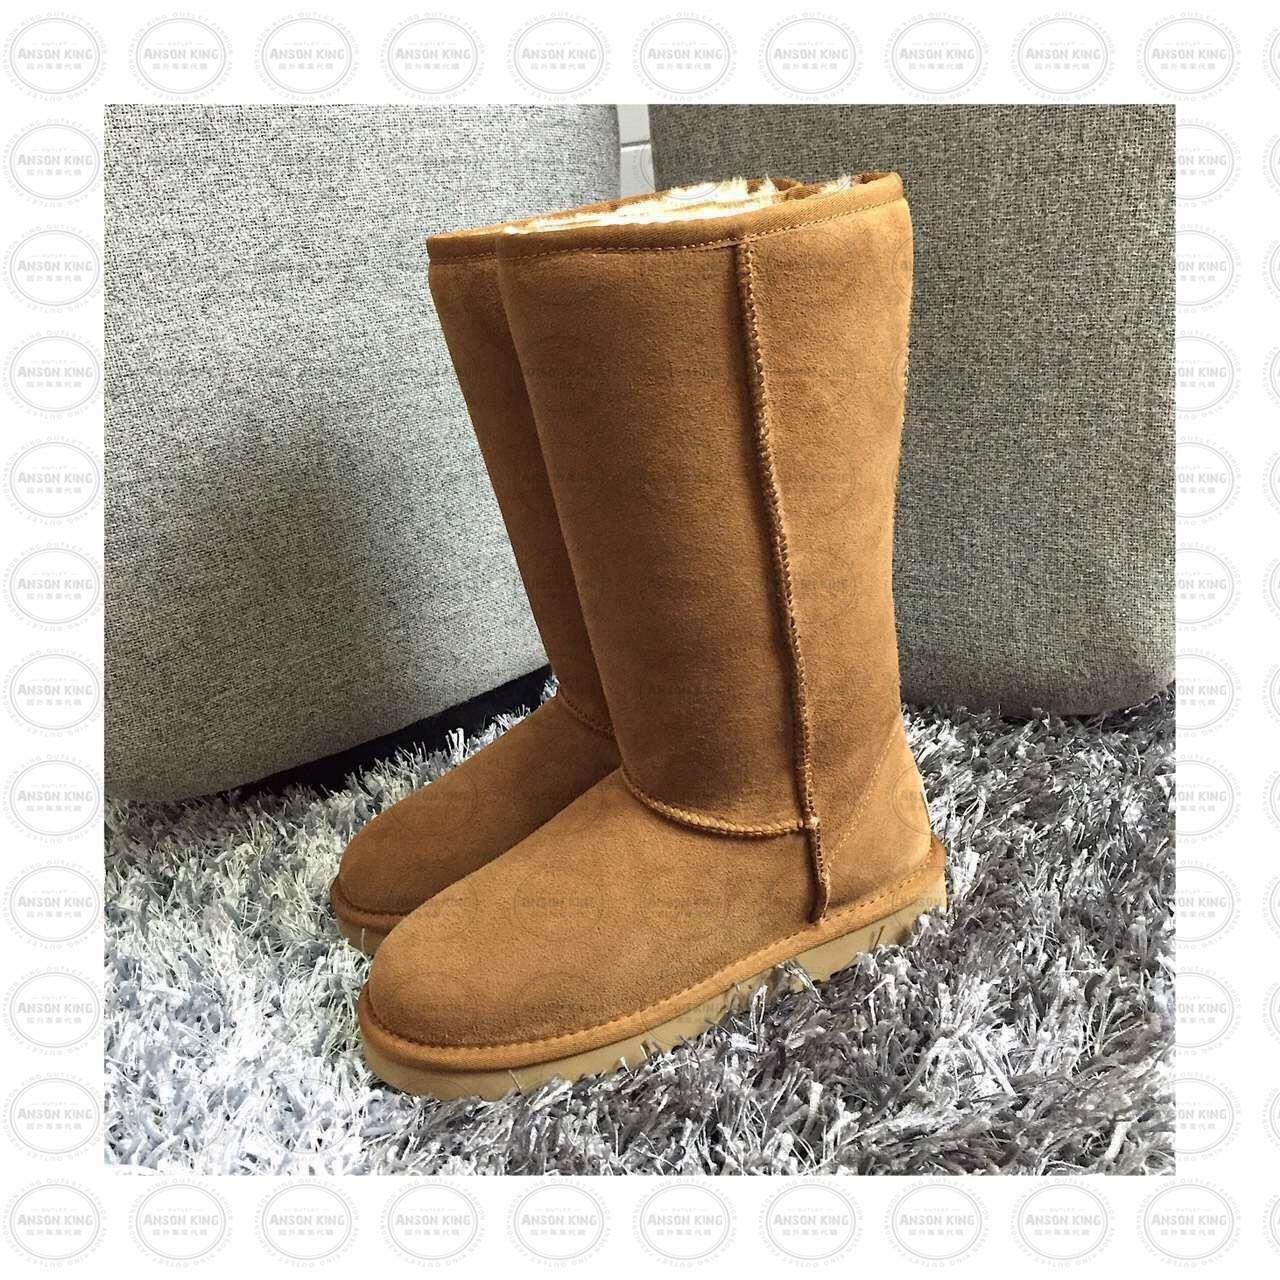 OUTLET正品代購 澳洲 UGG 經典女款羊皮毛一體雪靴 中長靴 保暖 真皮羊皮毛 雪靴 短靴 棕色